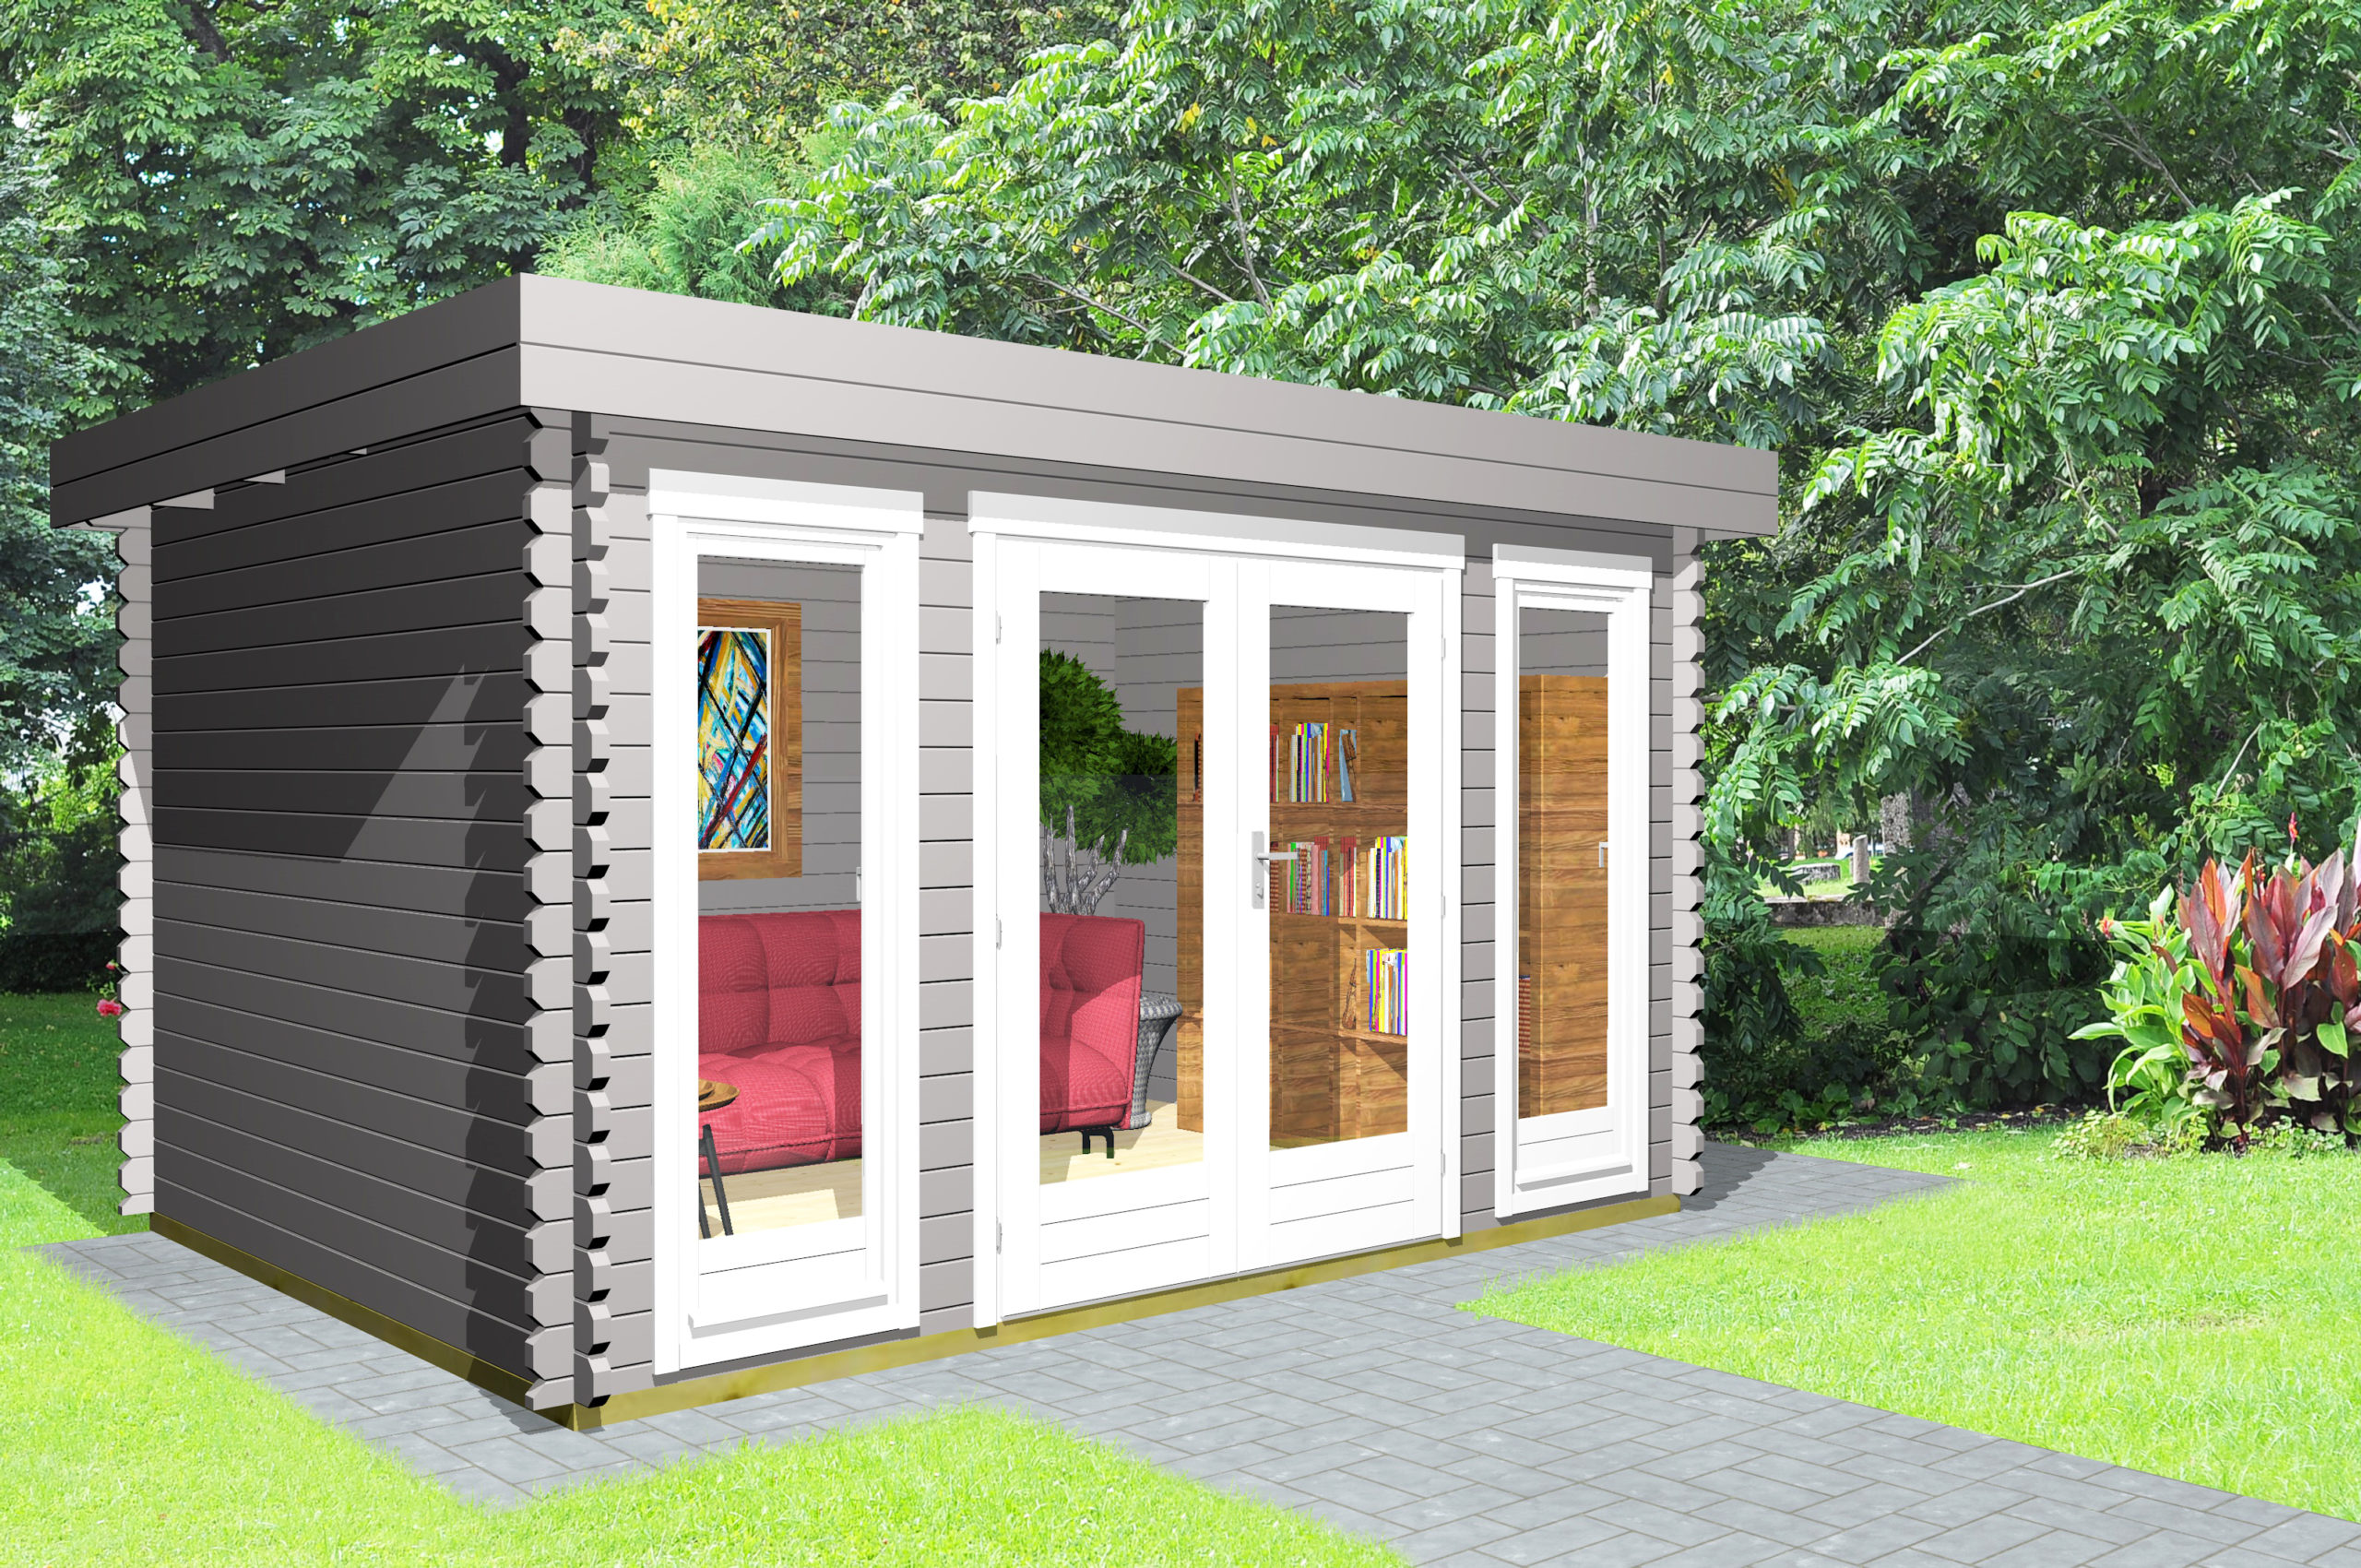 Gartenhaus Flachdach 40 mm NWH Melle 40206